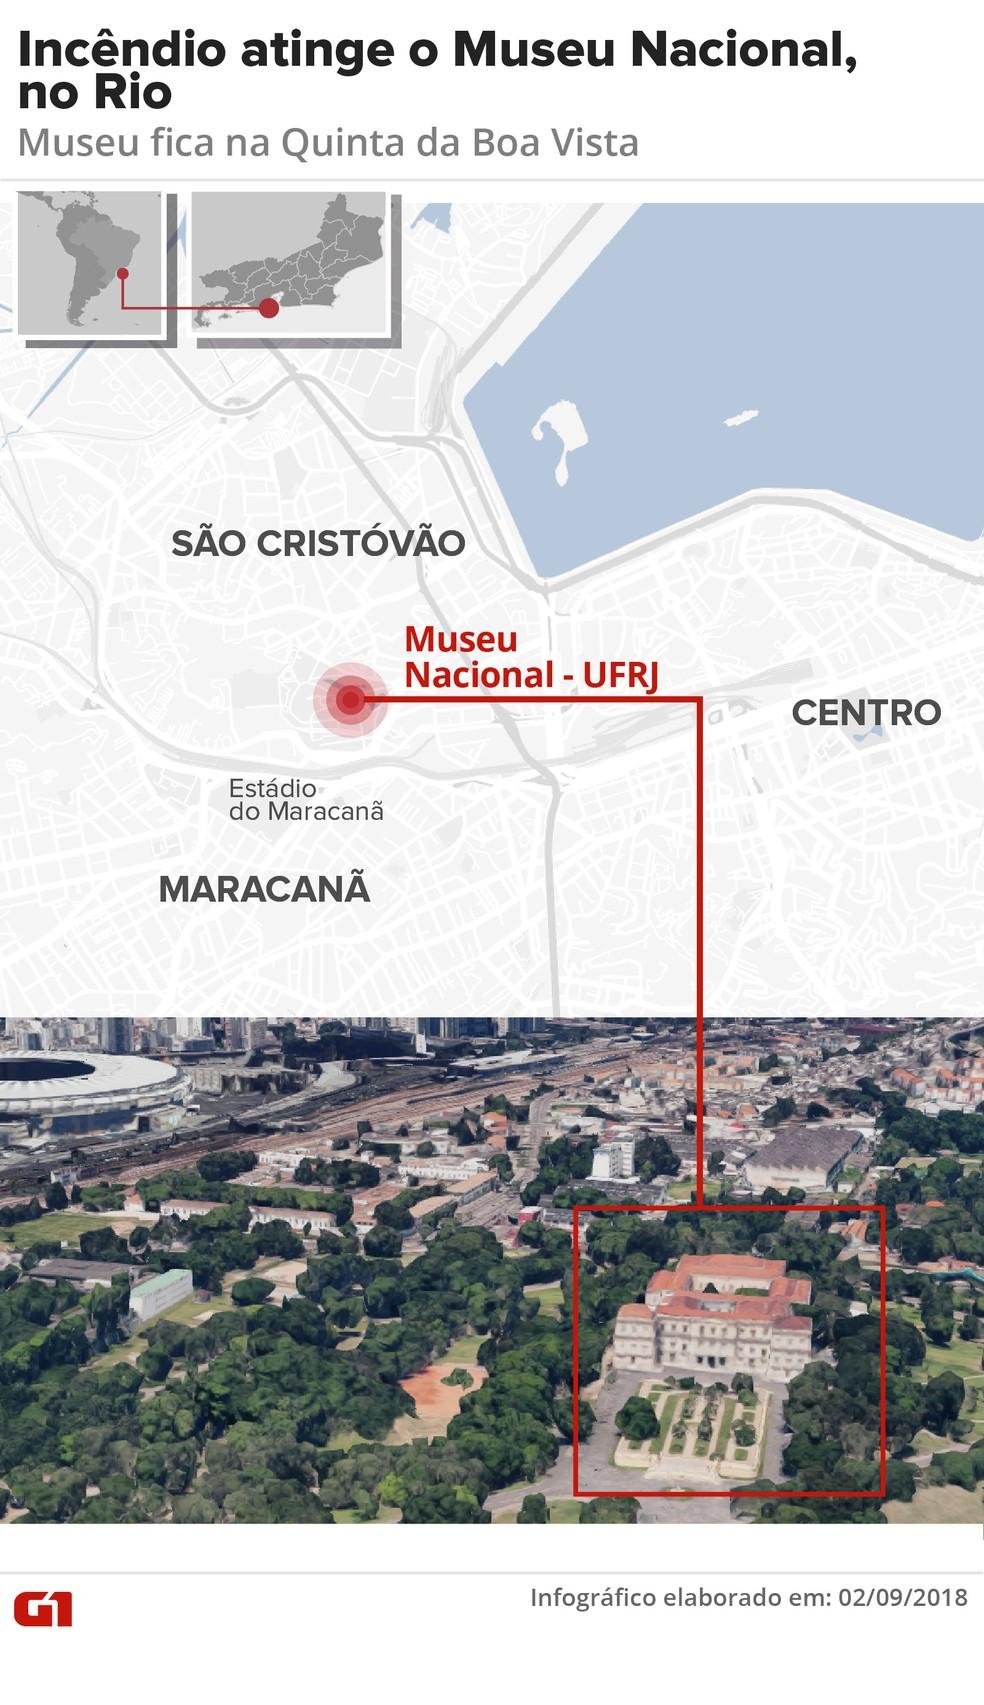 Veja a localização do Museu Nacional, Zona Norte do Rio (Foto: Infográfico: Karina Almeida/G1)